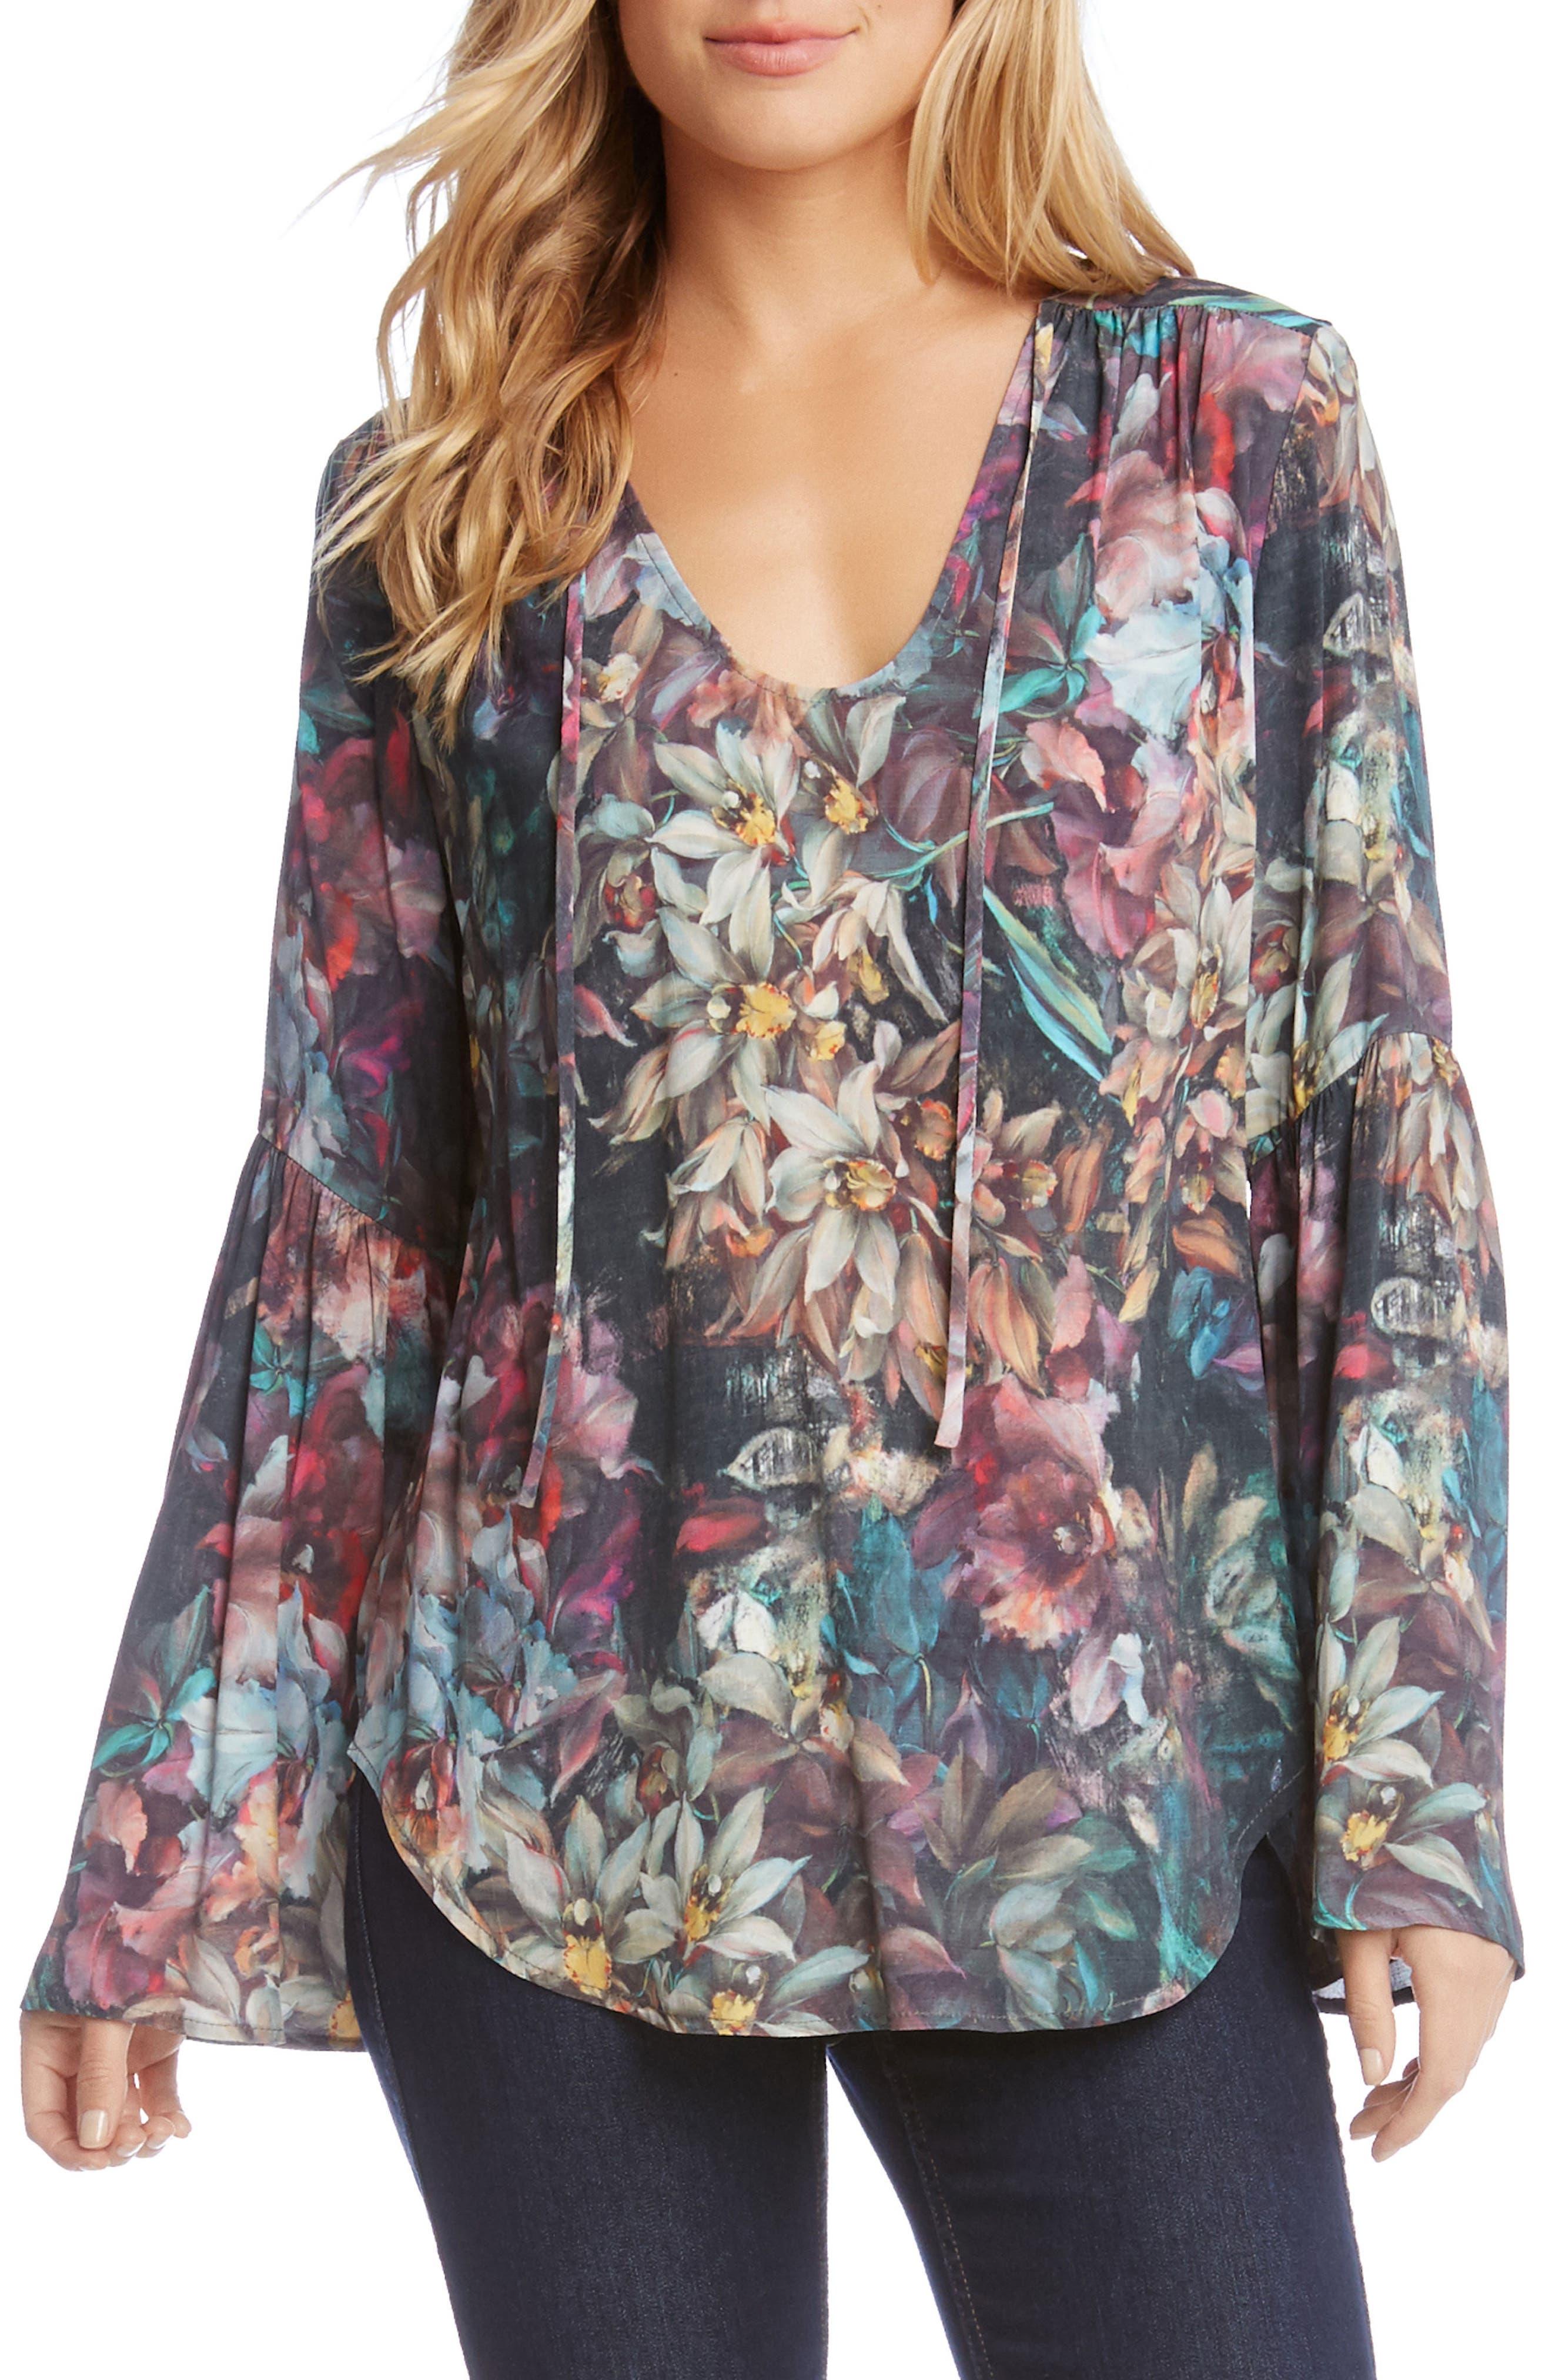 Alternate Image 1 Selected - Karen Kane Painted Floral Bell Sleeve Top